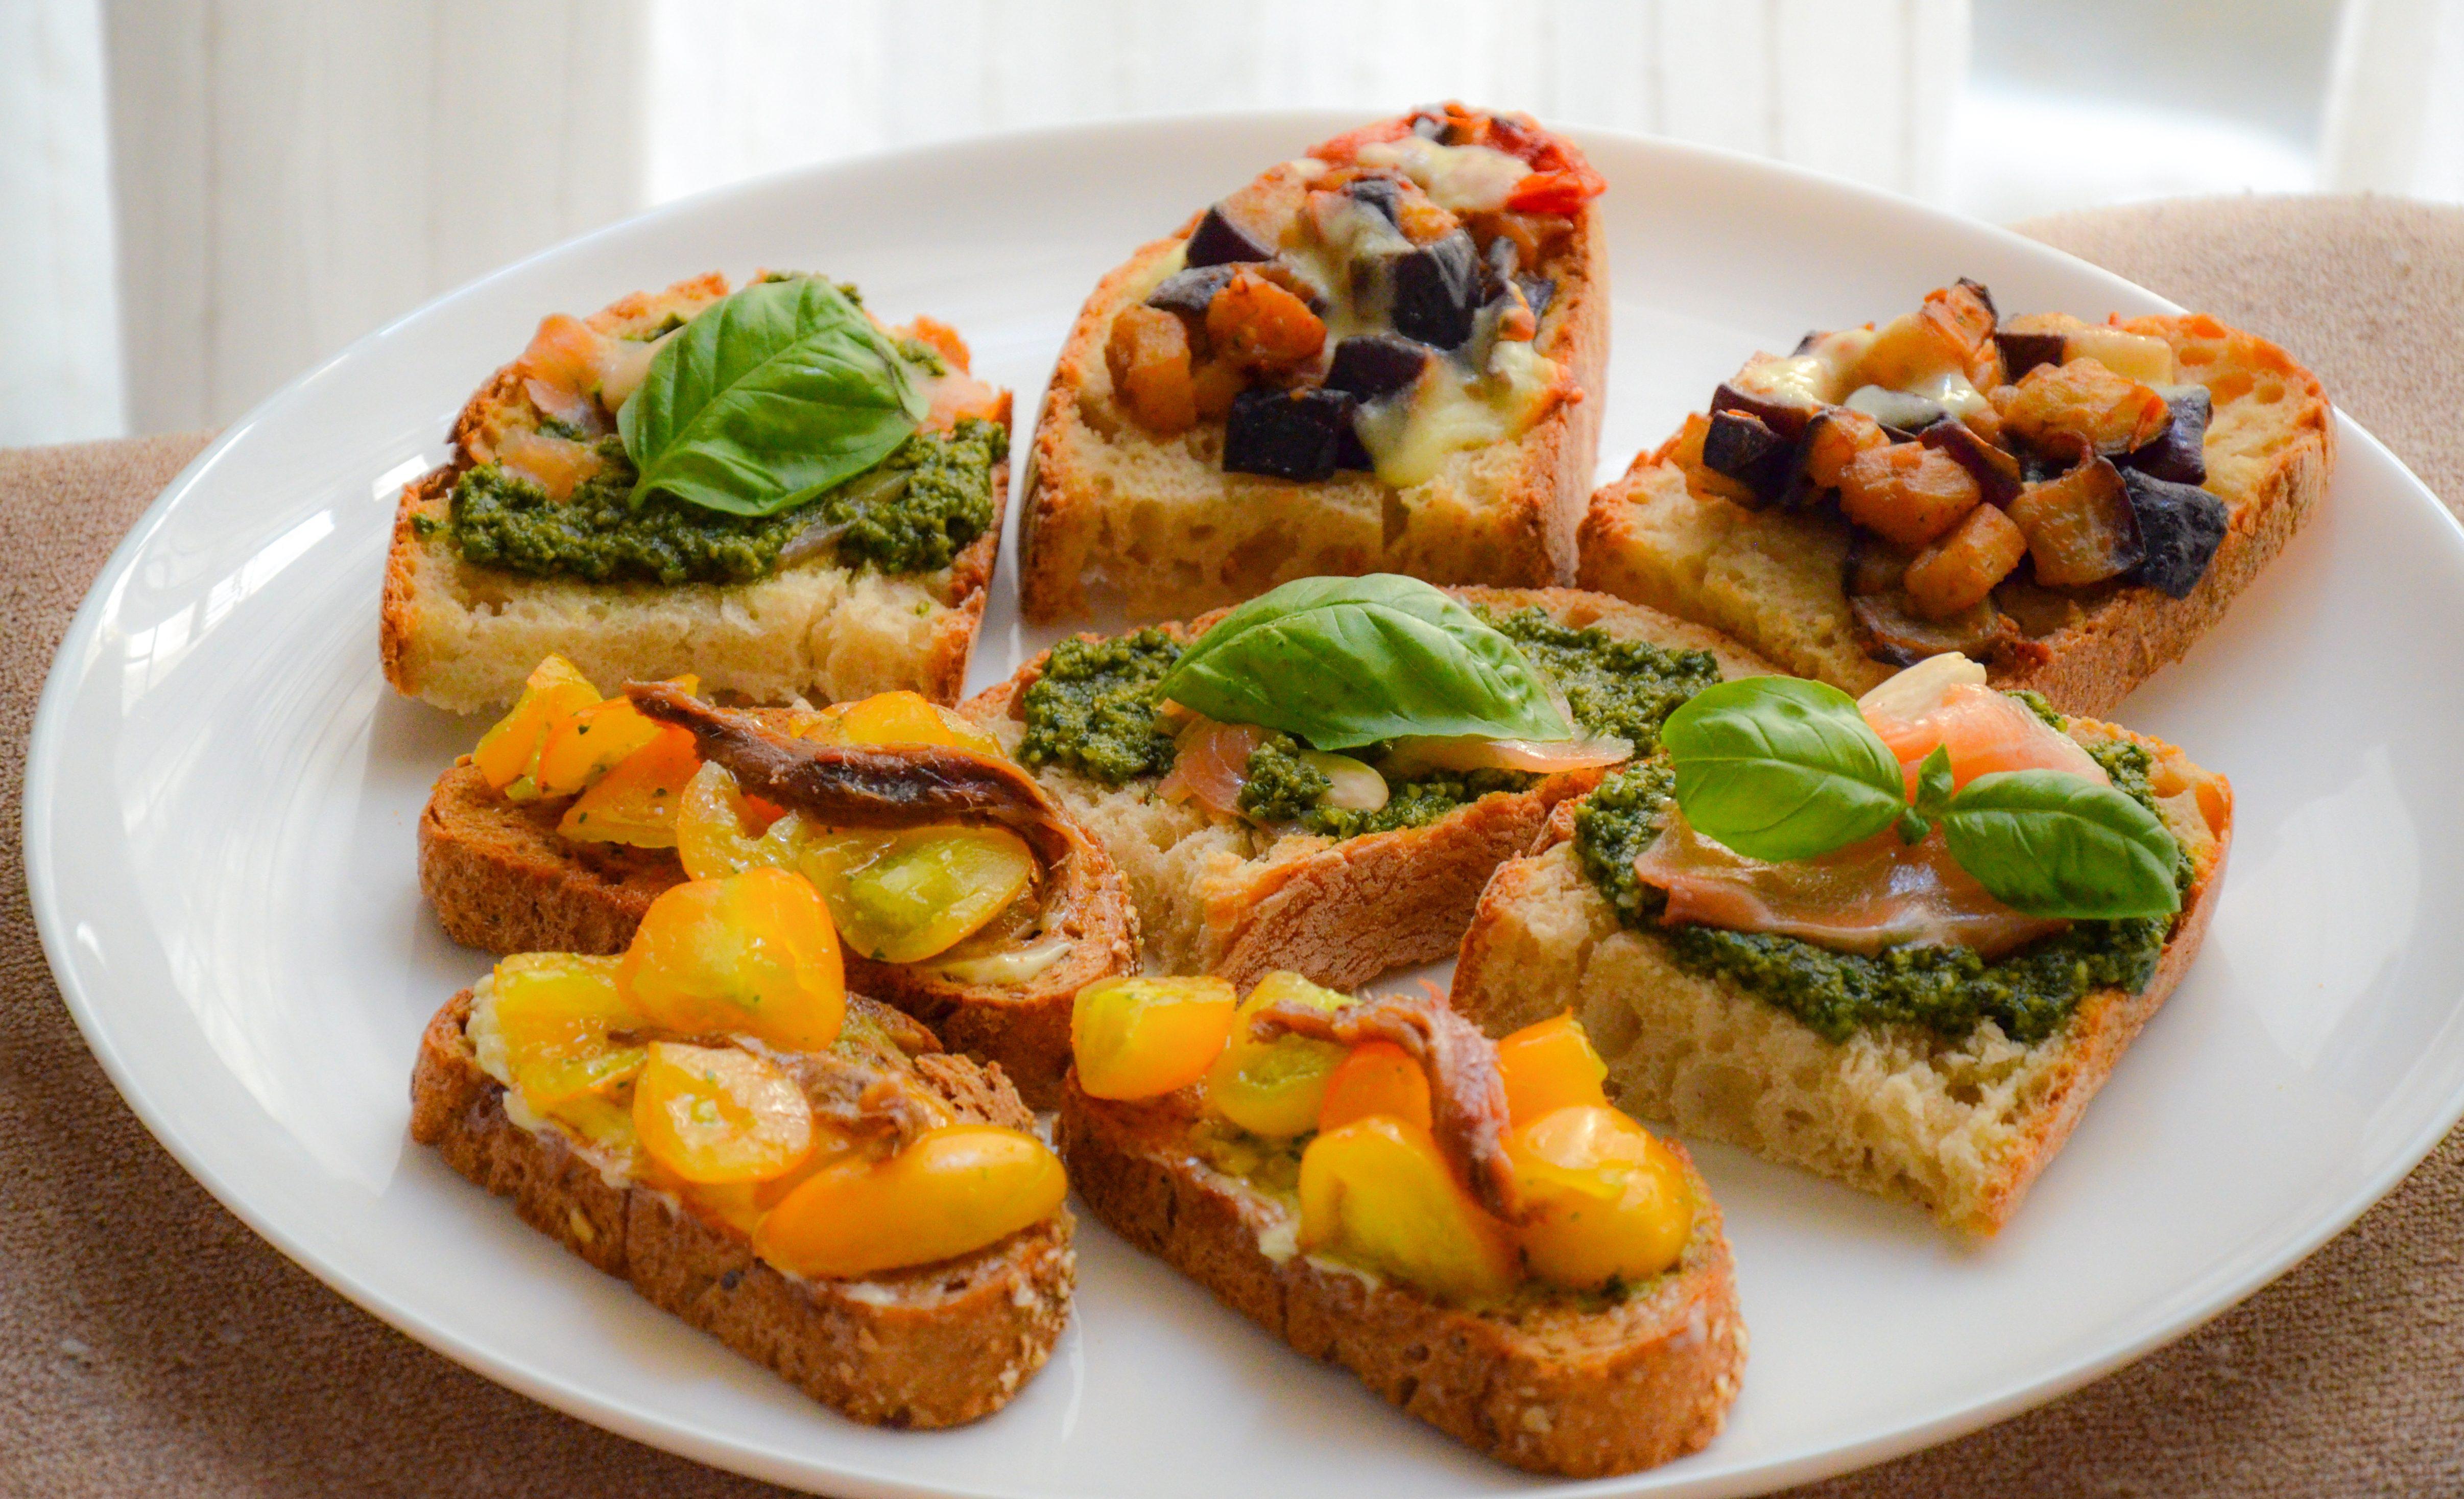 Tris di bruschette estive: la ricetta dell'antipasto colorato e originale